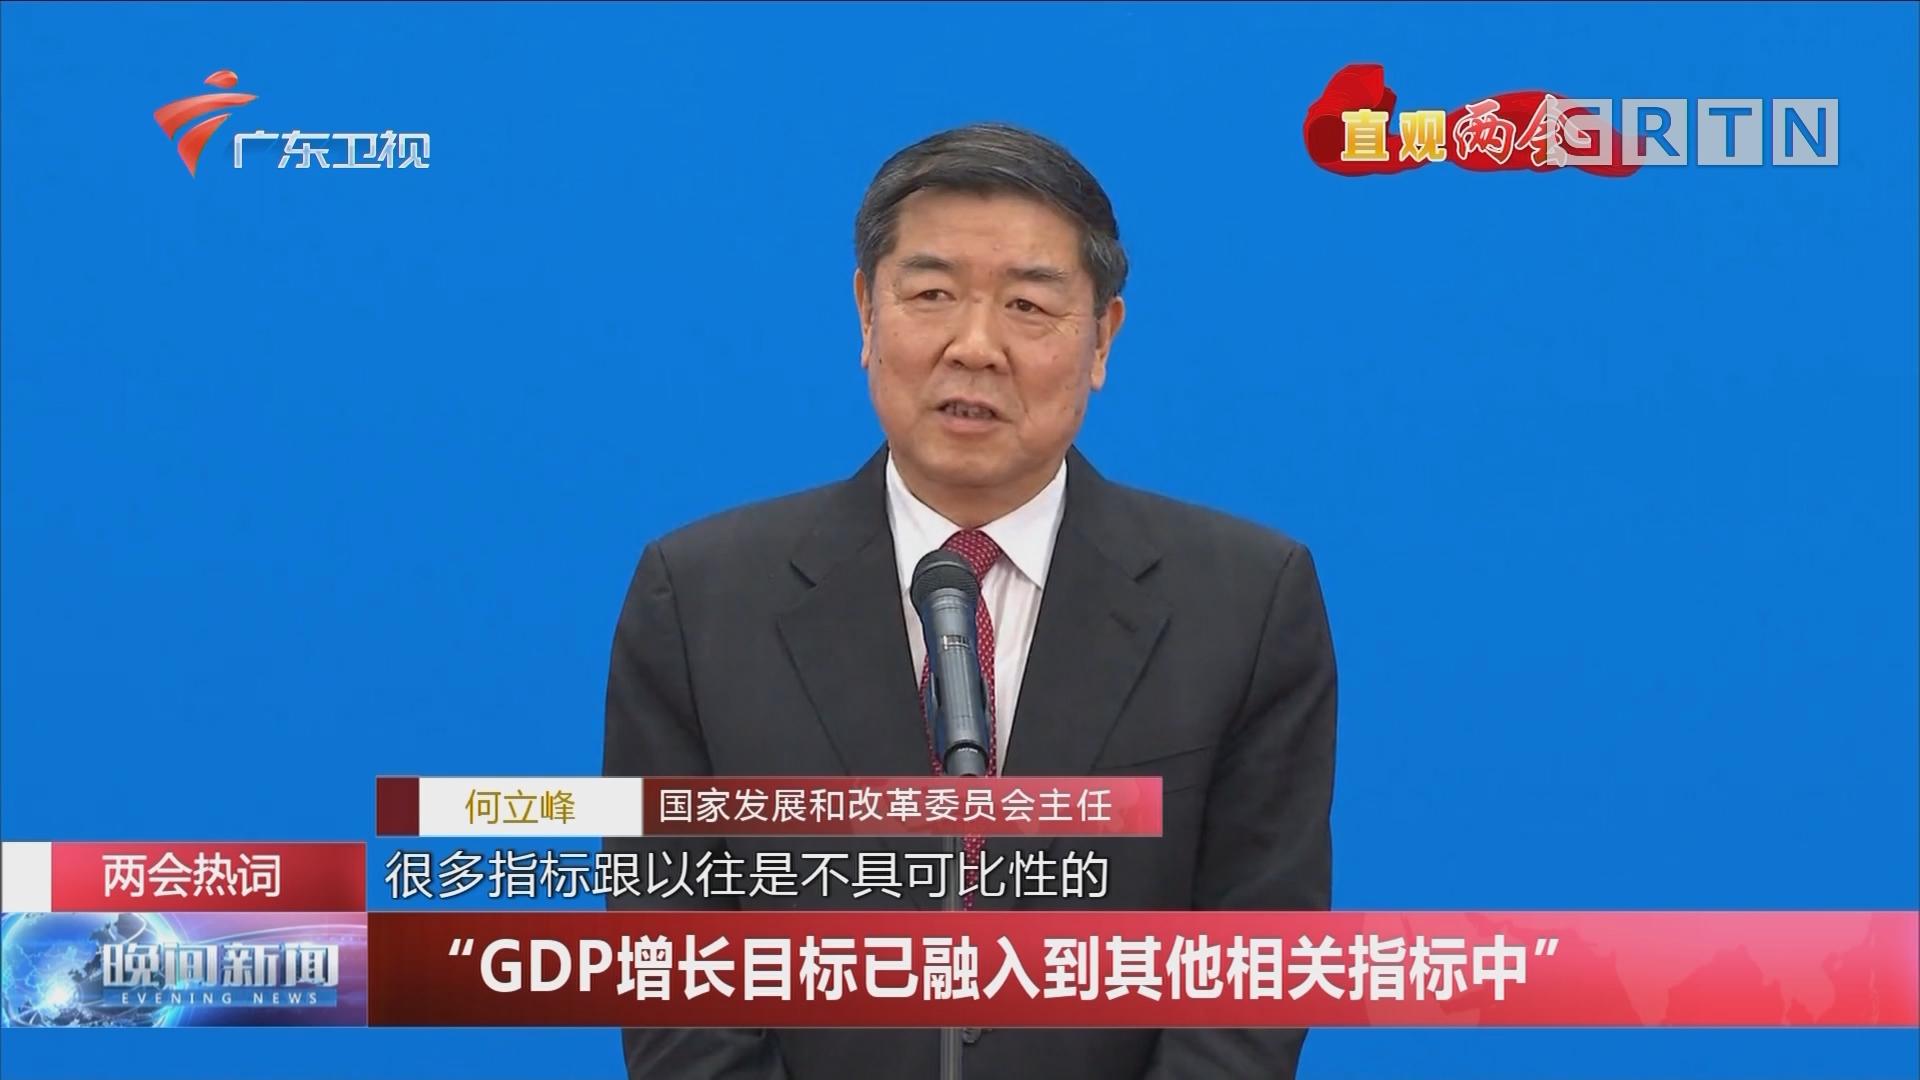 """两会热词 """"GDP增长目标已融入到其他相关指标中"""""""